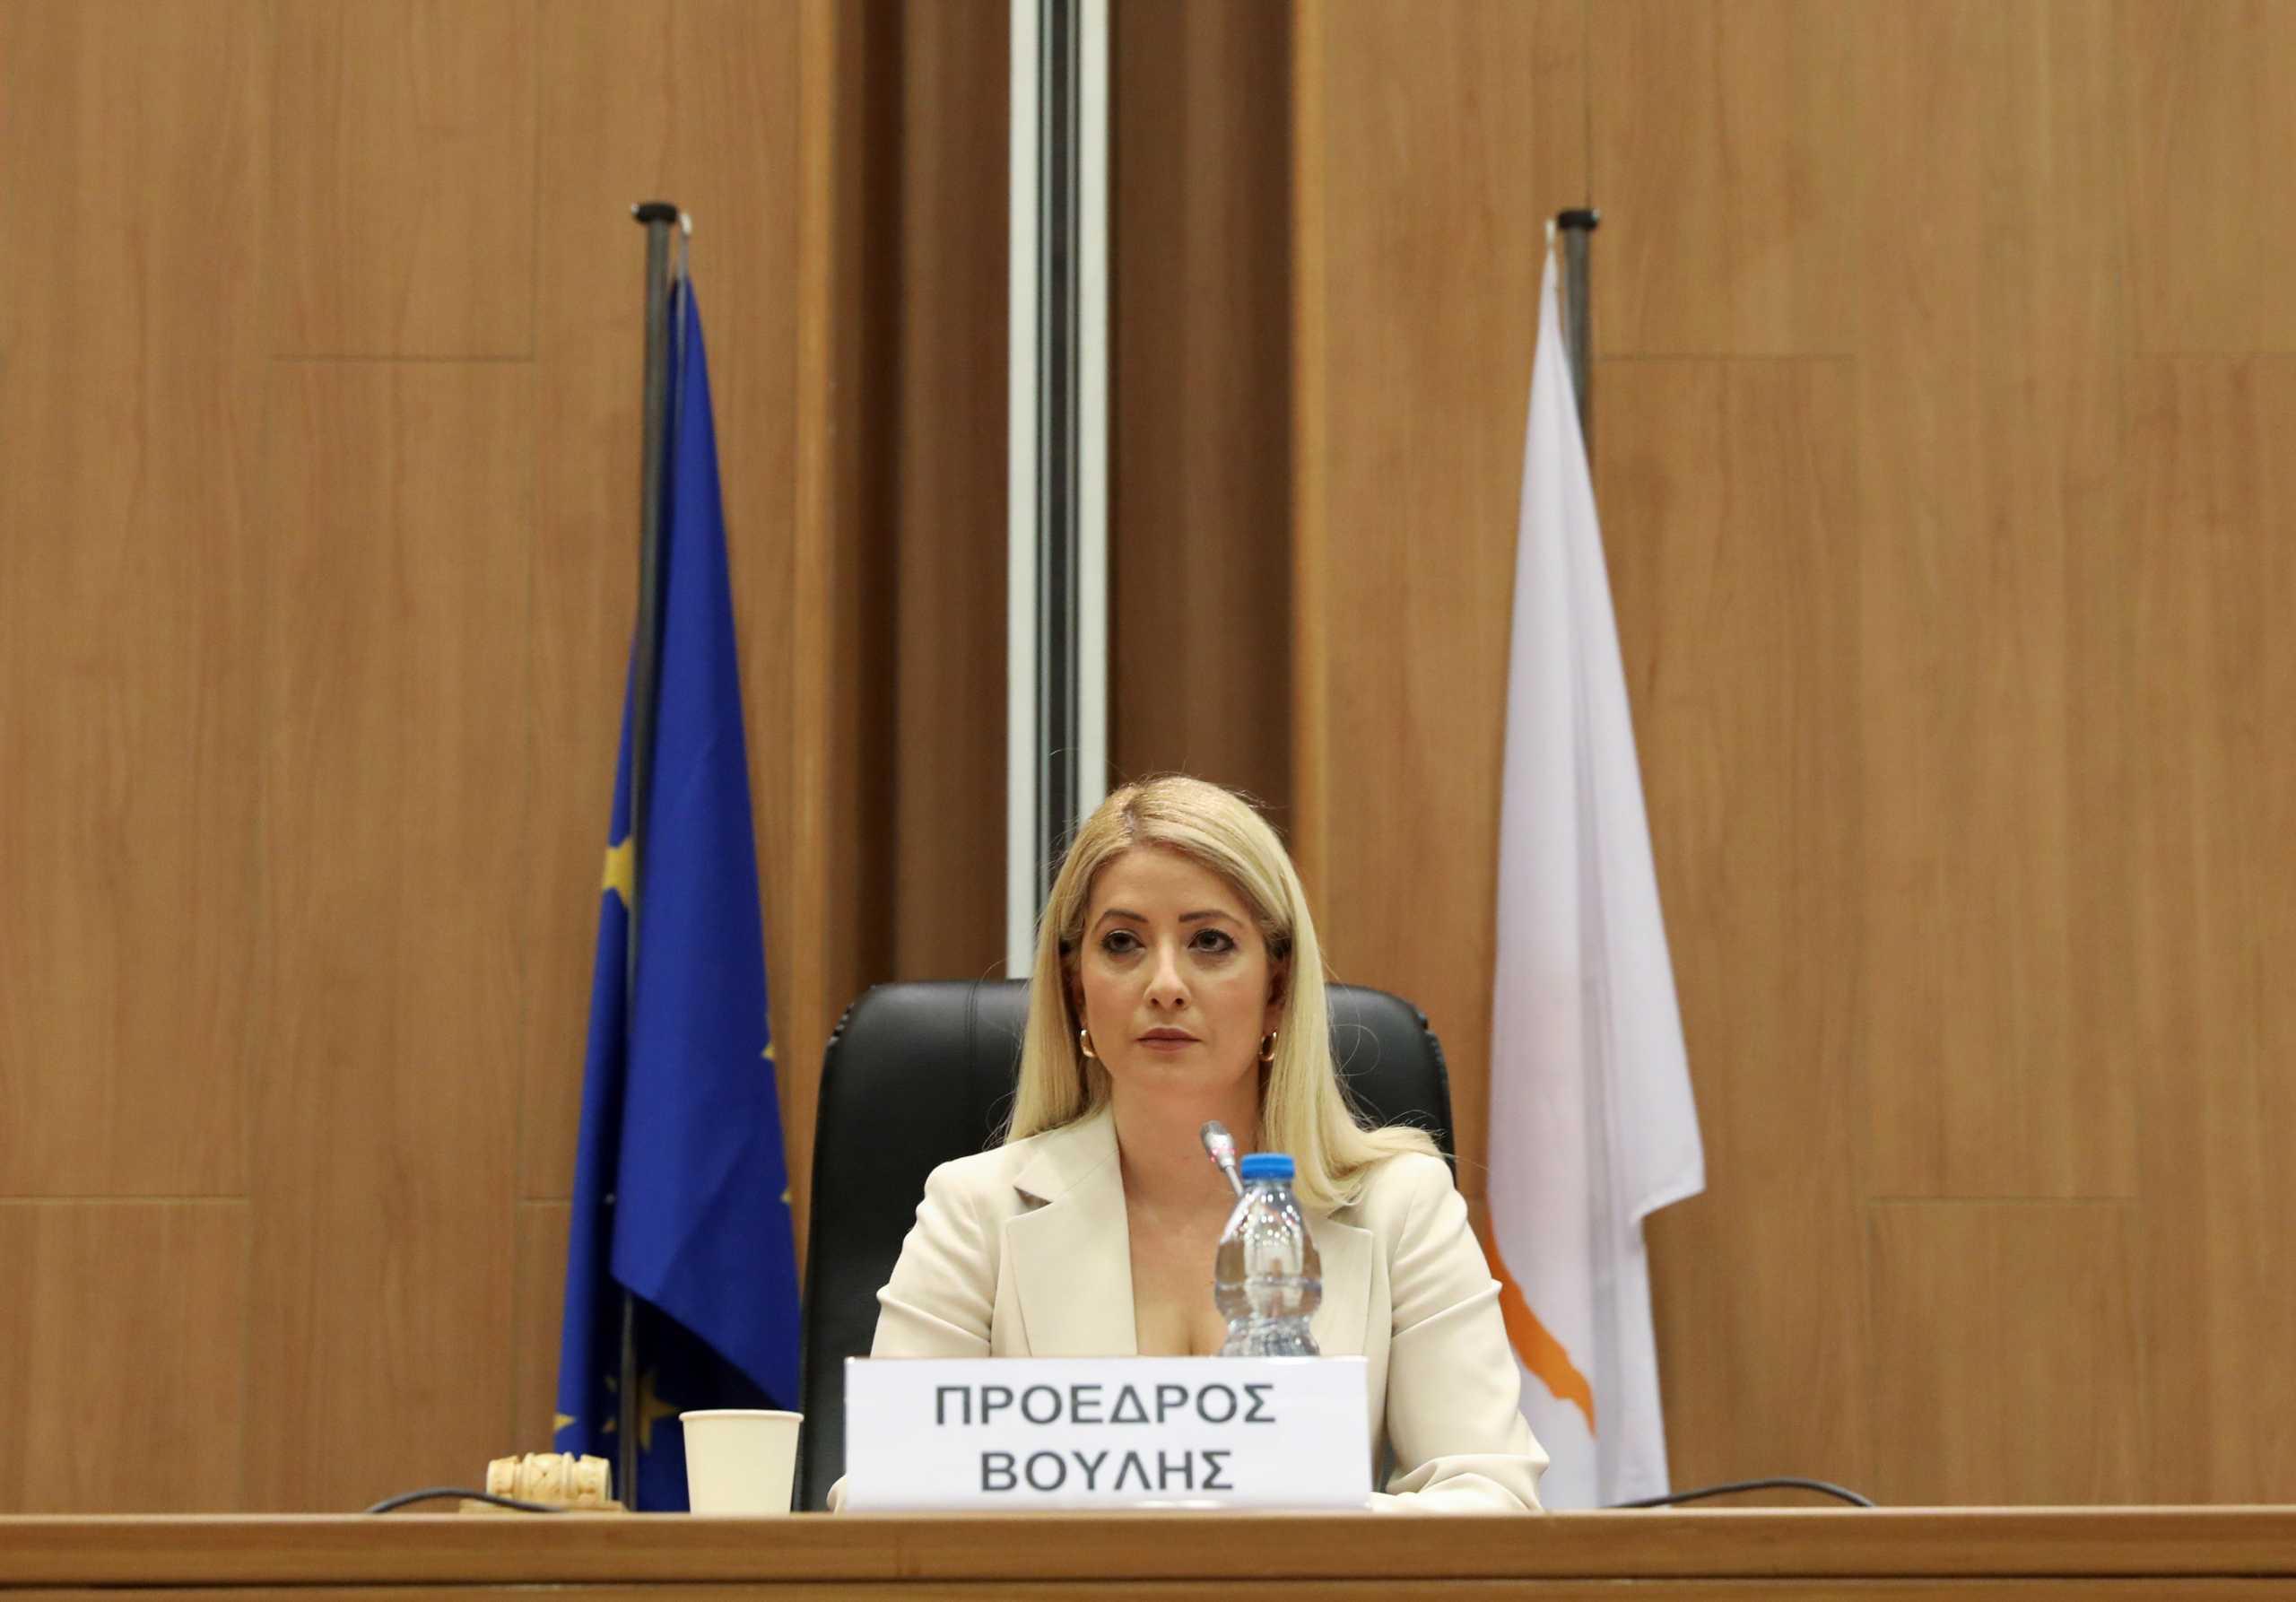 Κύπρος: Η Αννίτα Δημητρίου νέα Πρόεδρος της Βουλής – Για πρώτη φορά γυναίκα σε αυτό το αξίωμα